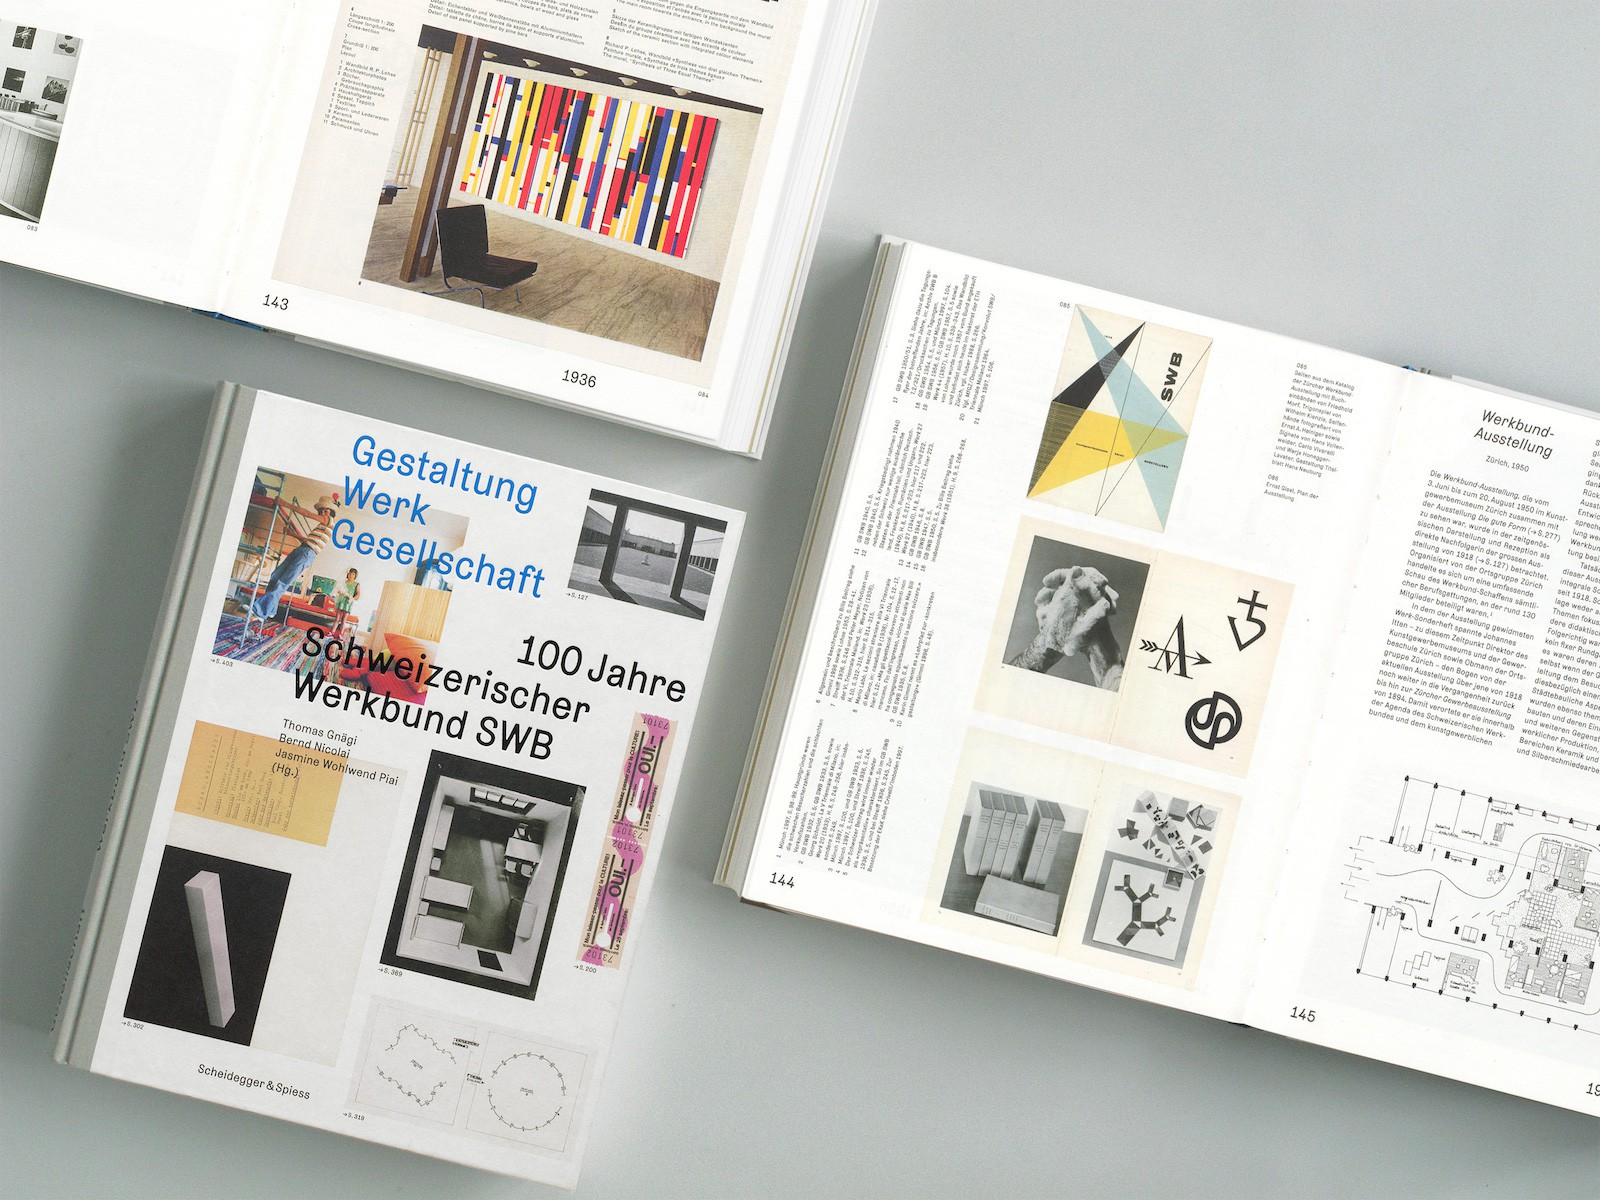 Gestaltung, Werk, Gesellschaft – 100 Jahre Schweizerischer Werkbund SWB